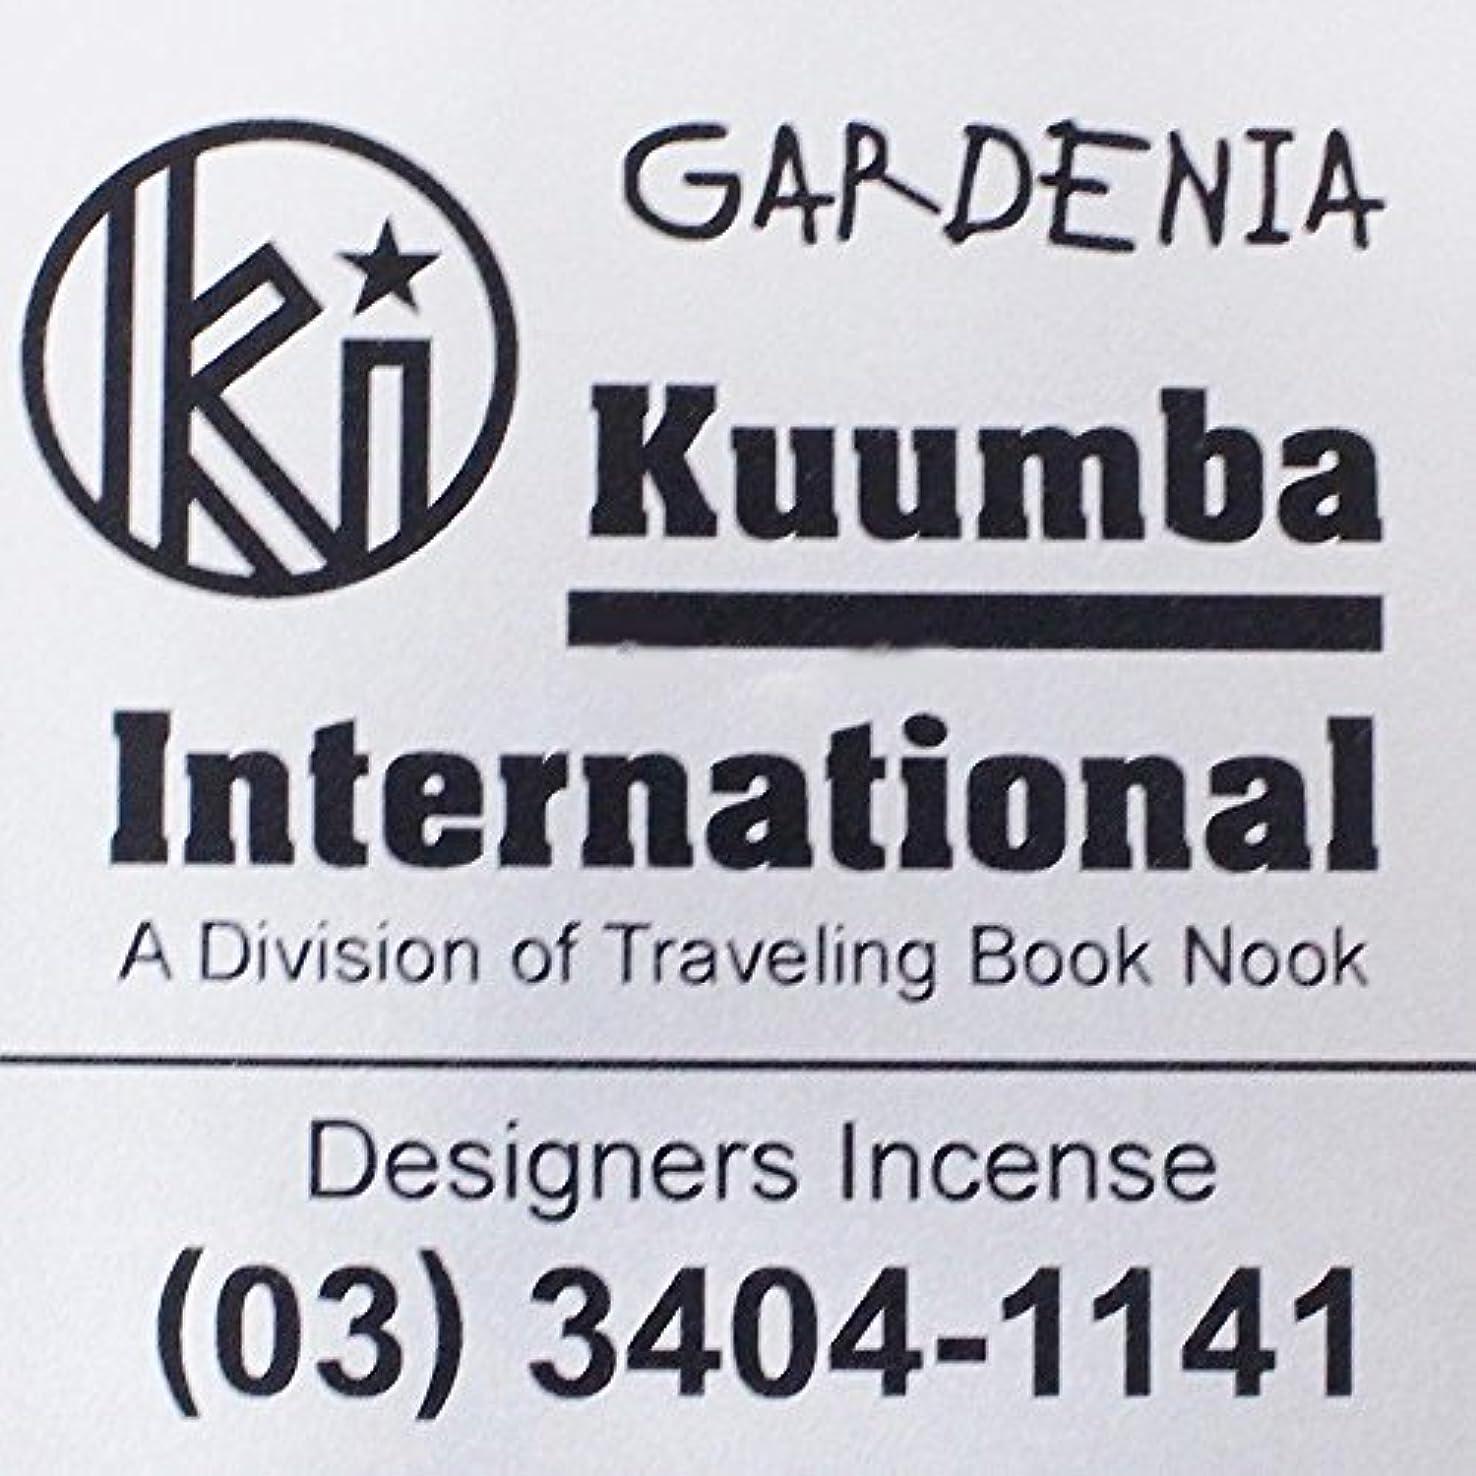 欠伸前任者くそー(クンバ) KUUMBA『incense』(GARDENIA) (Regular size)